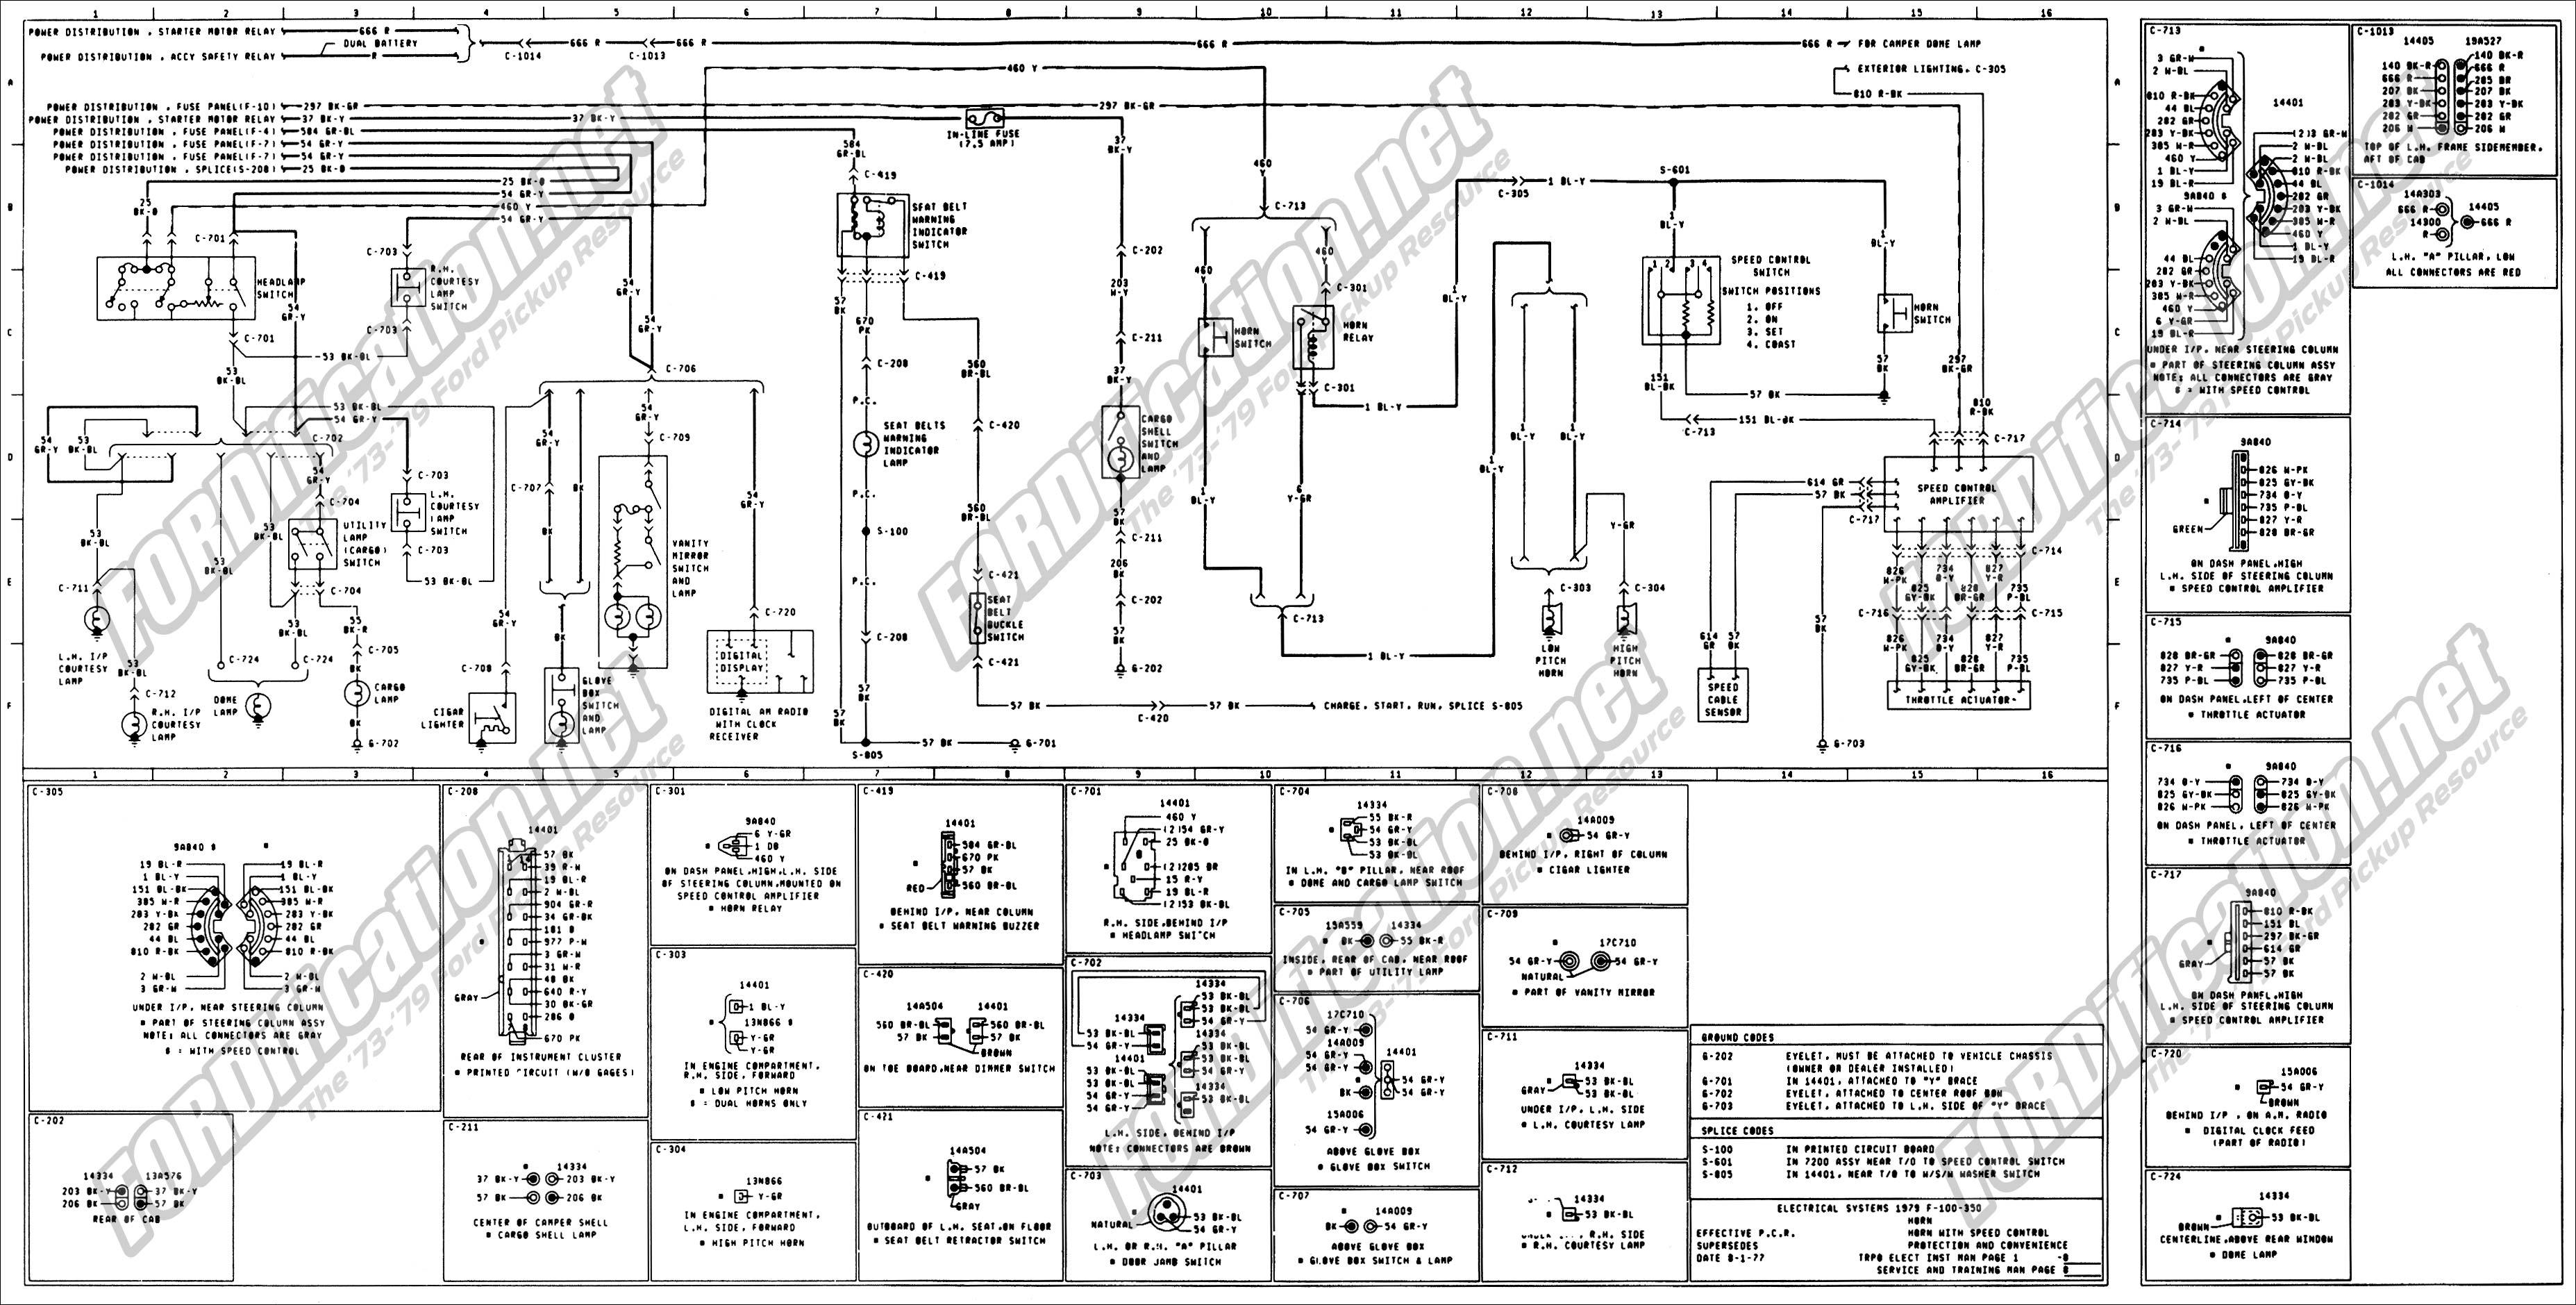 Wondrous 1978 Ford Pickup Wiring Diagram Wiring Diagram Libraries Wiring Cloud Biosomenaidewilluminateatxorg